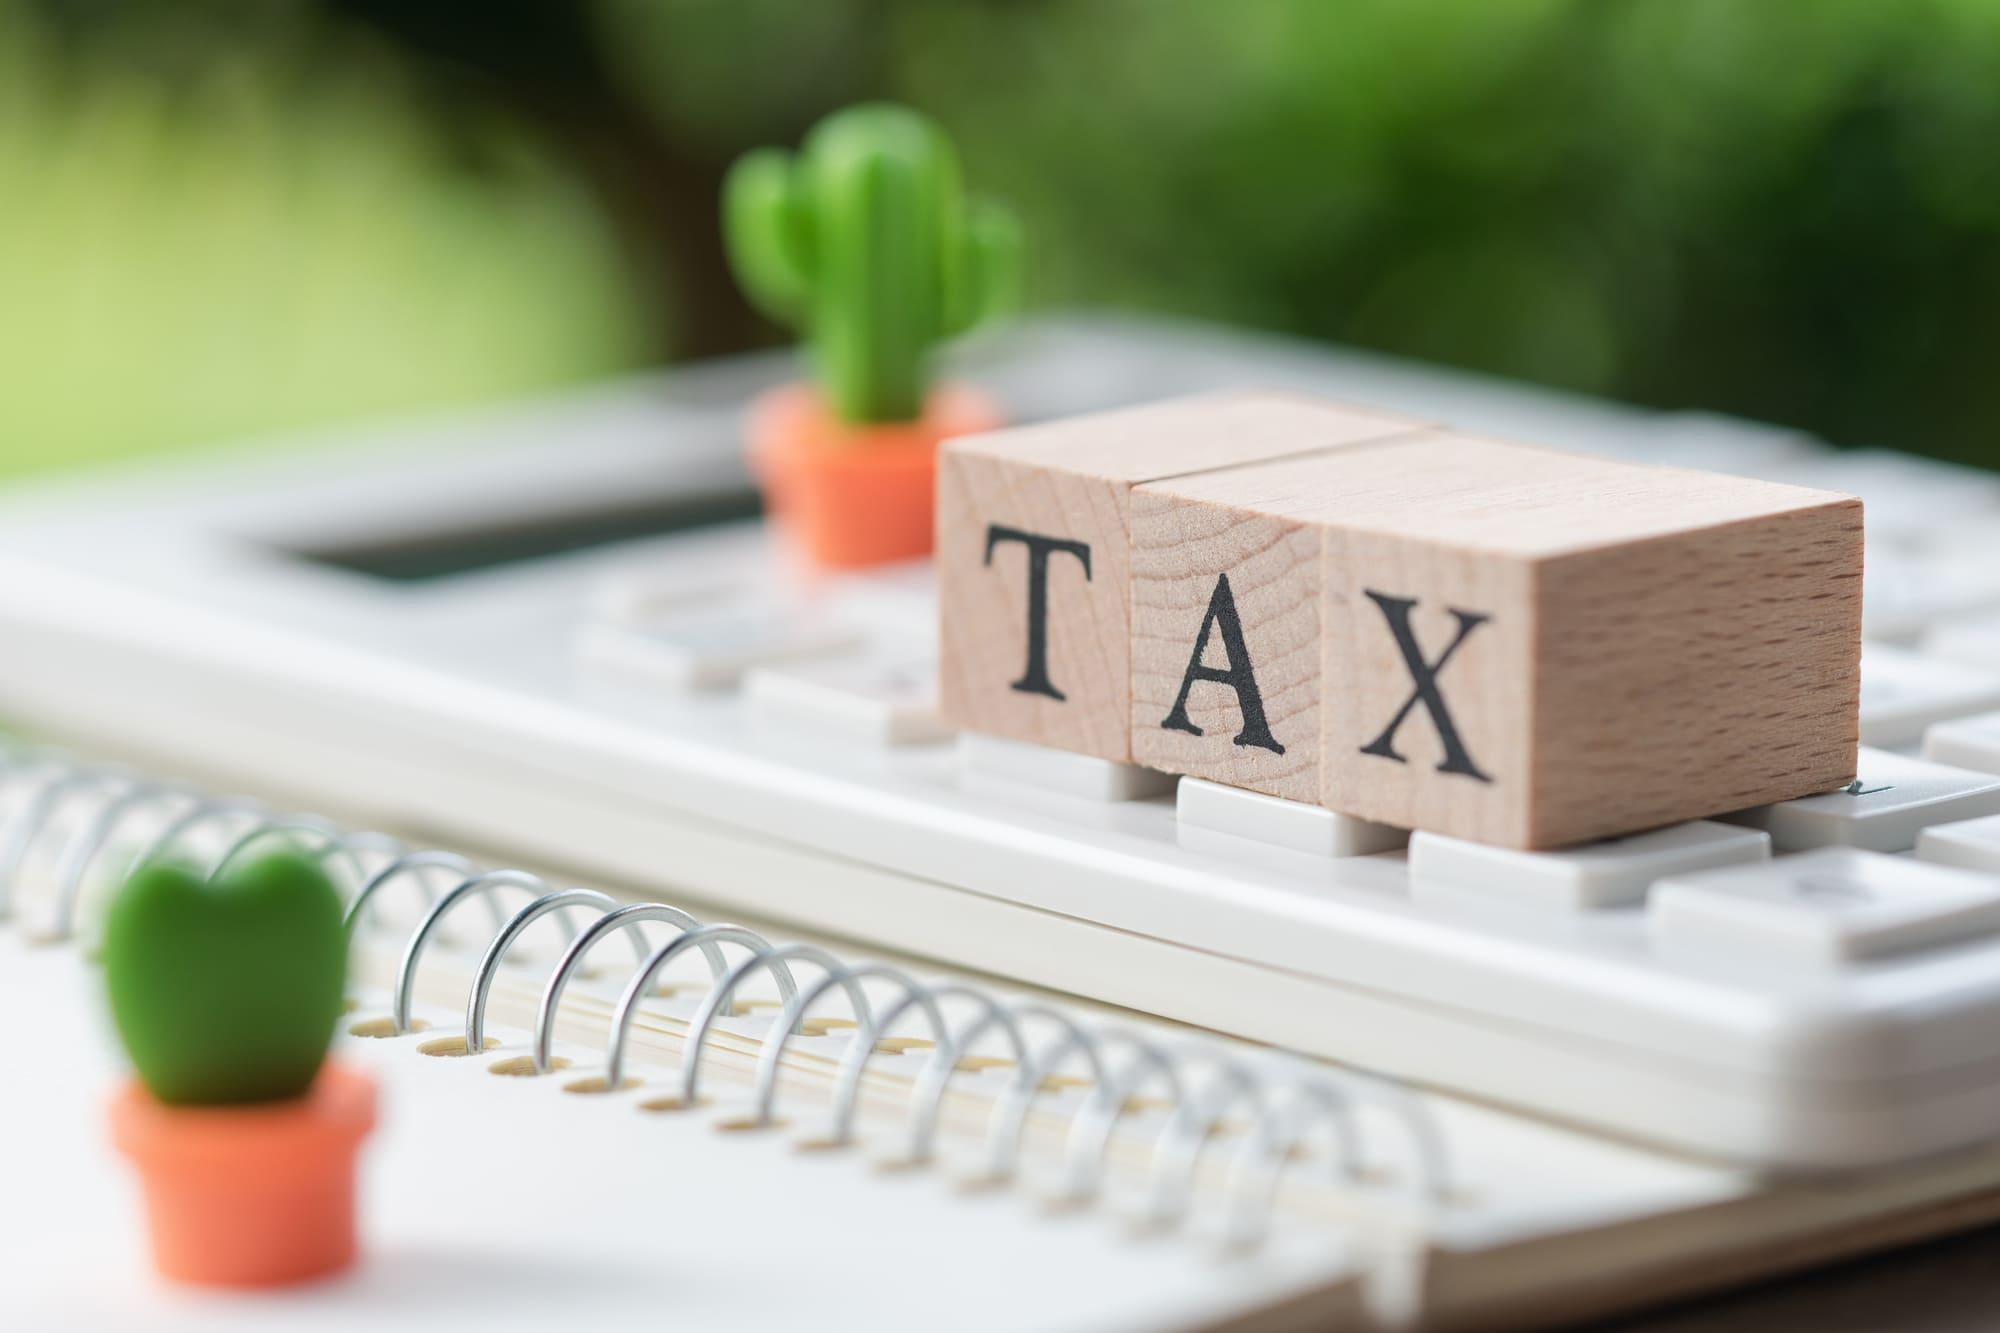 個人事業主が税金をクレジットカードで支払うべき3つの理由と3つの注意点